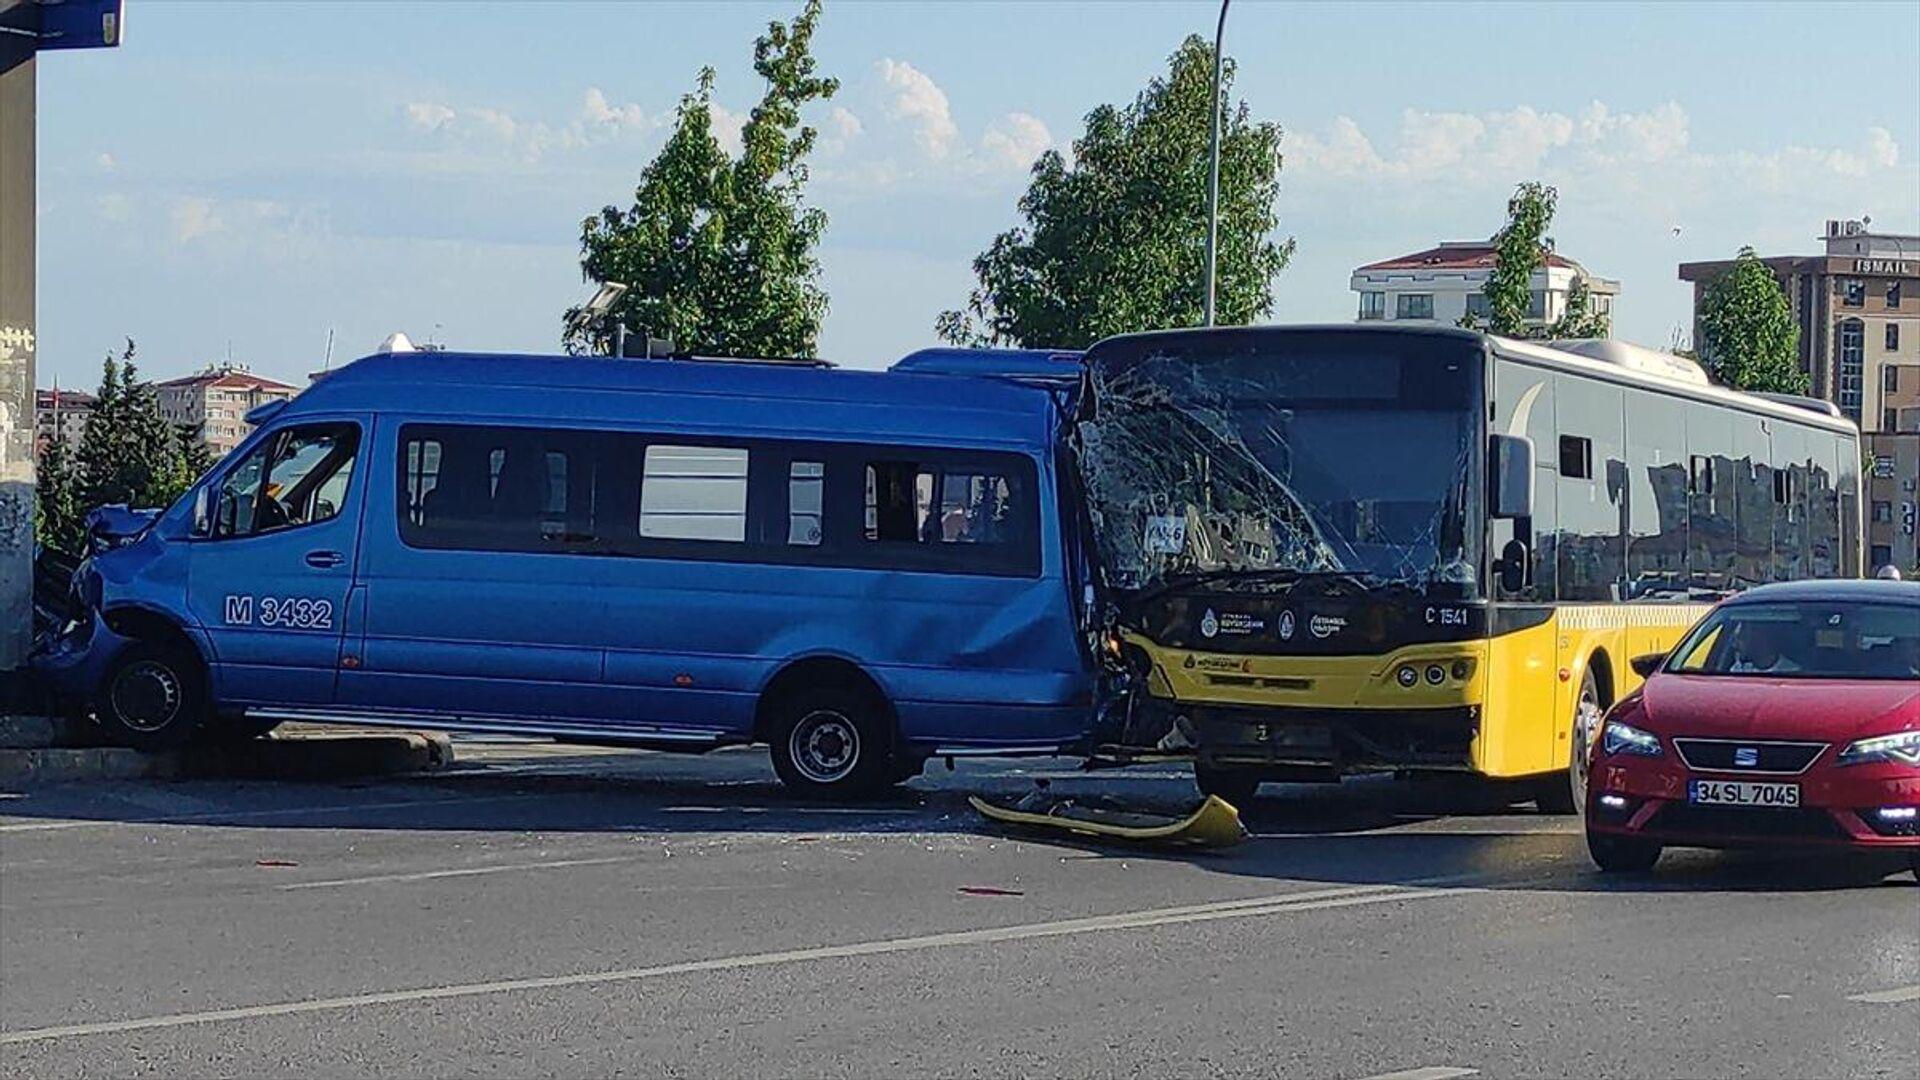 Kadıköy'de İETT otobüsü ile minibüsün çarpışması  - Sputnik Türkiye, 1920, 19.09.2021